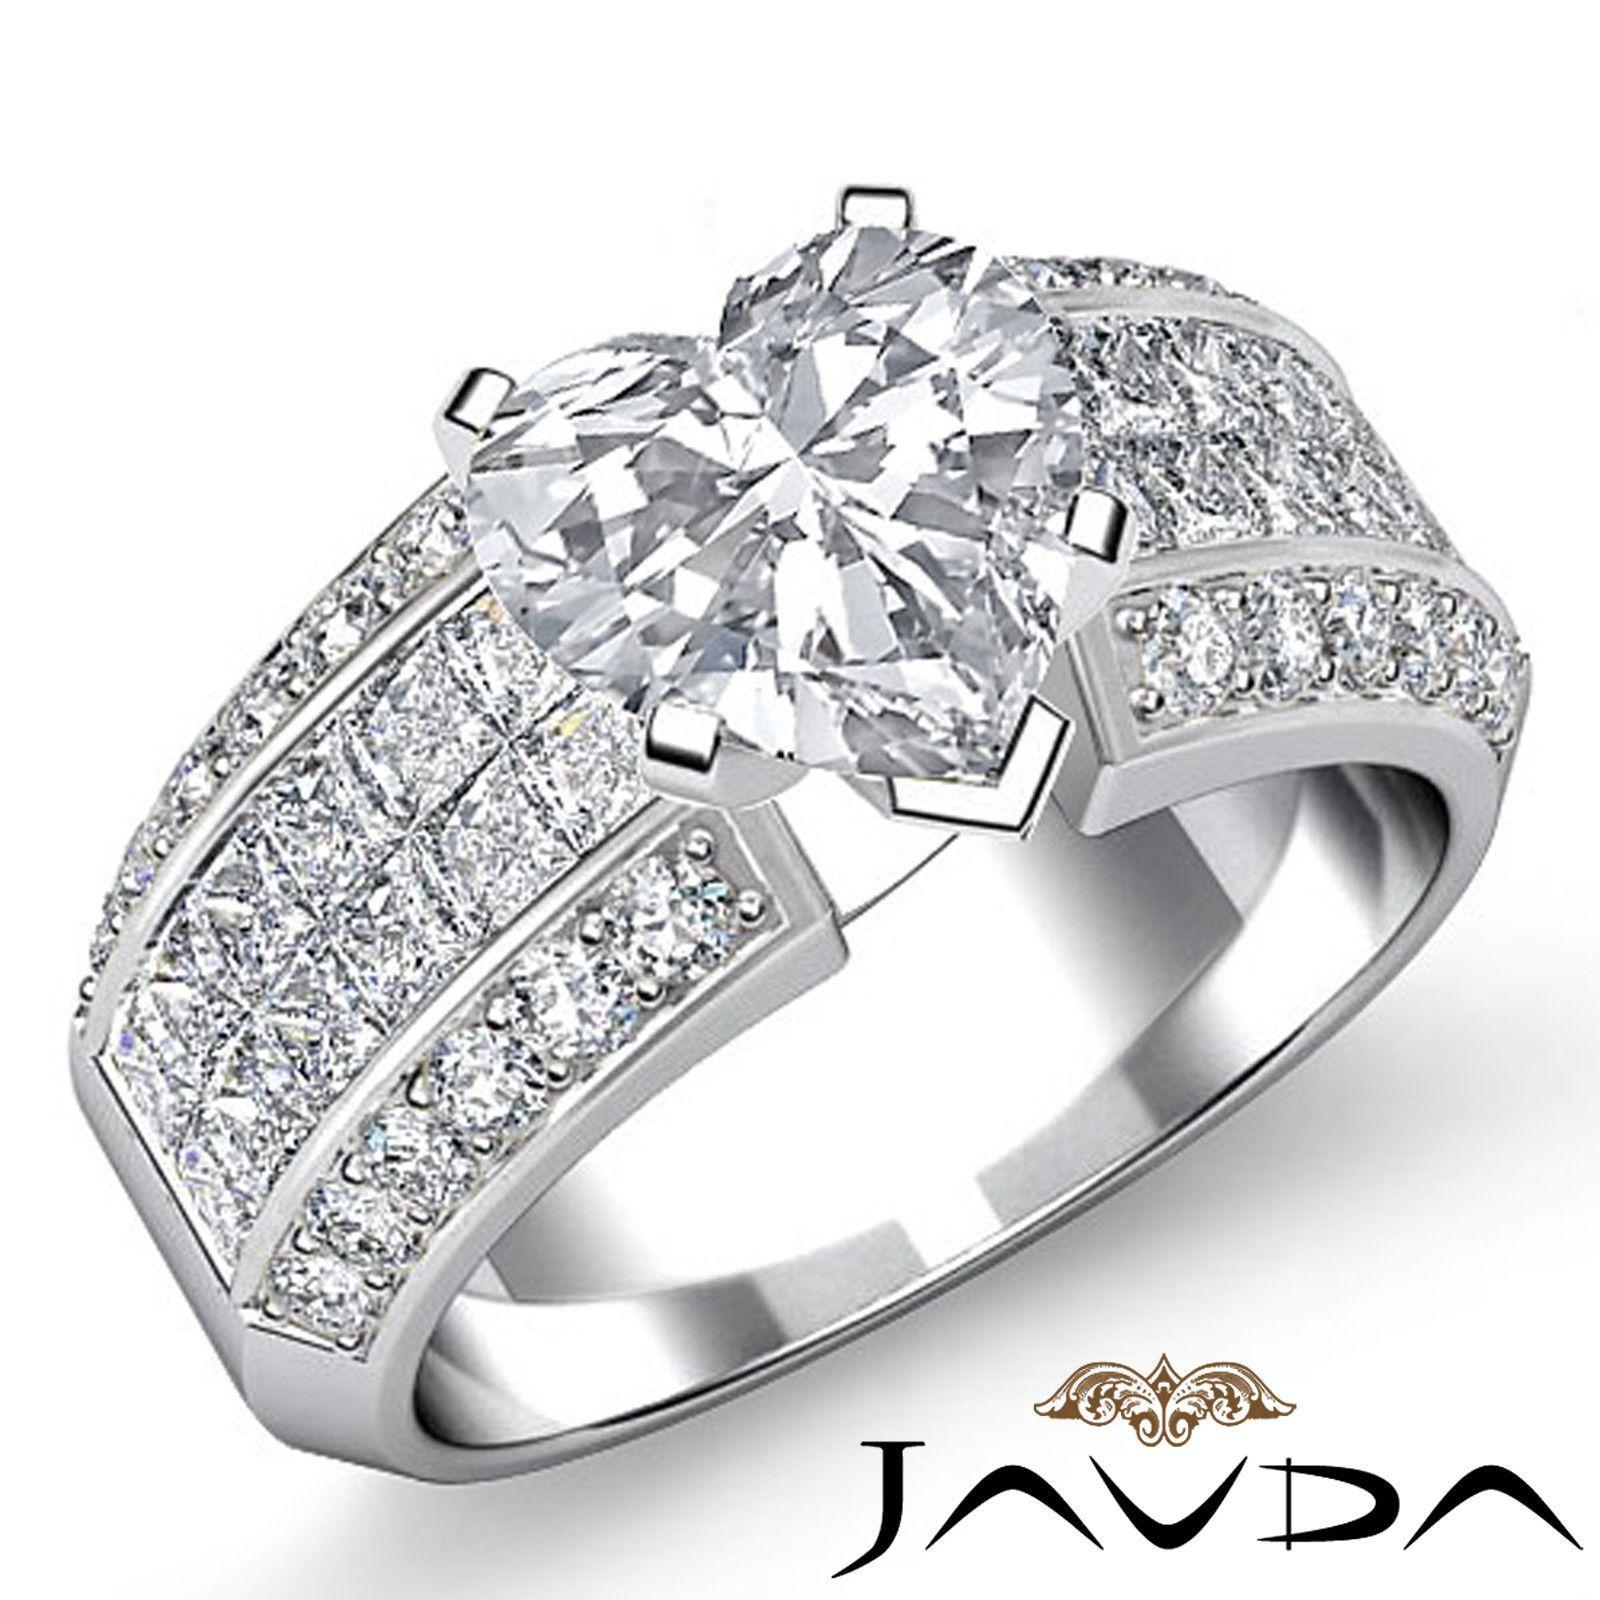 Exquisite Heart Diamond Invisible Set Engagement Ring EGL G VS2 Platinum 2 46 Ct | eBay